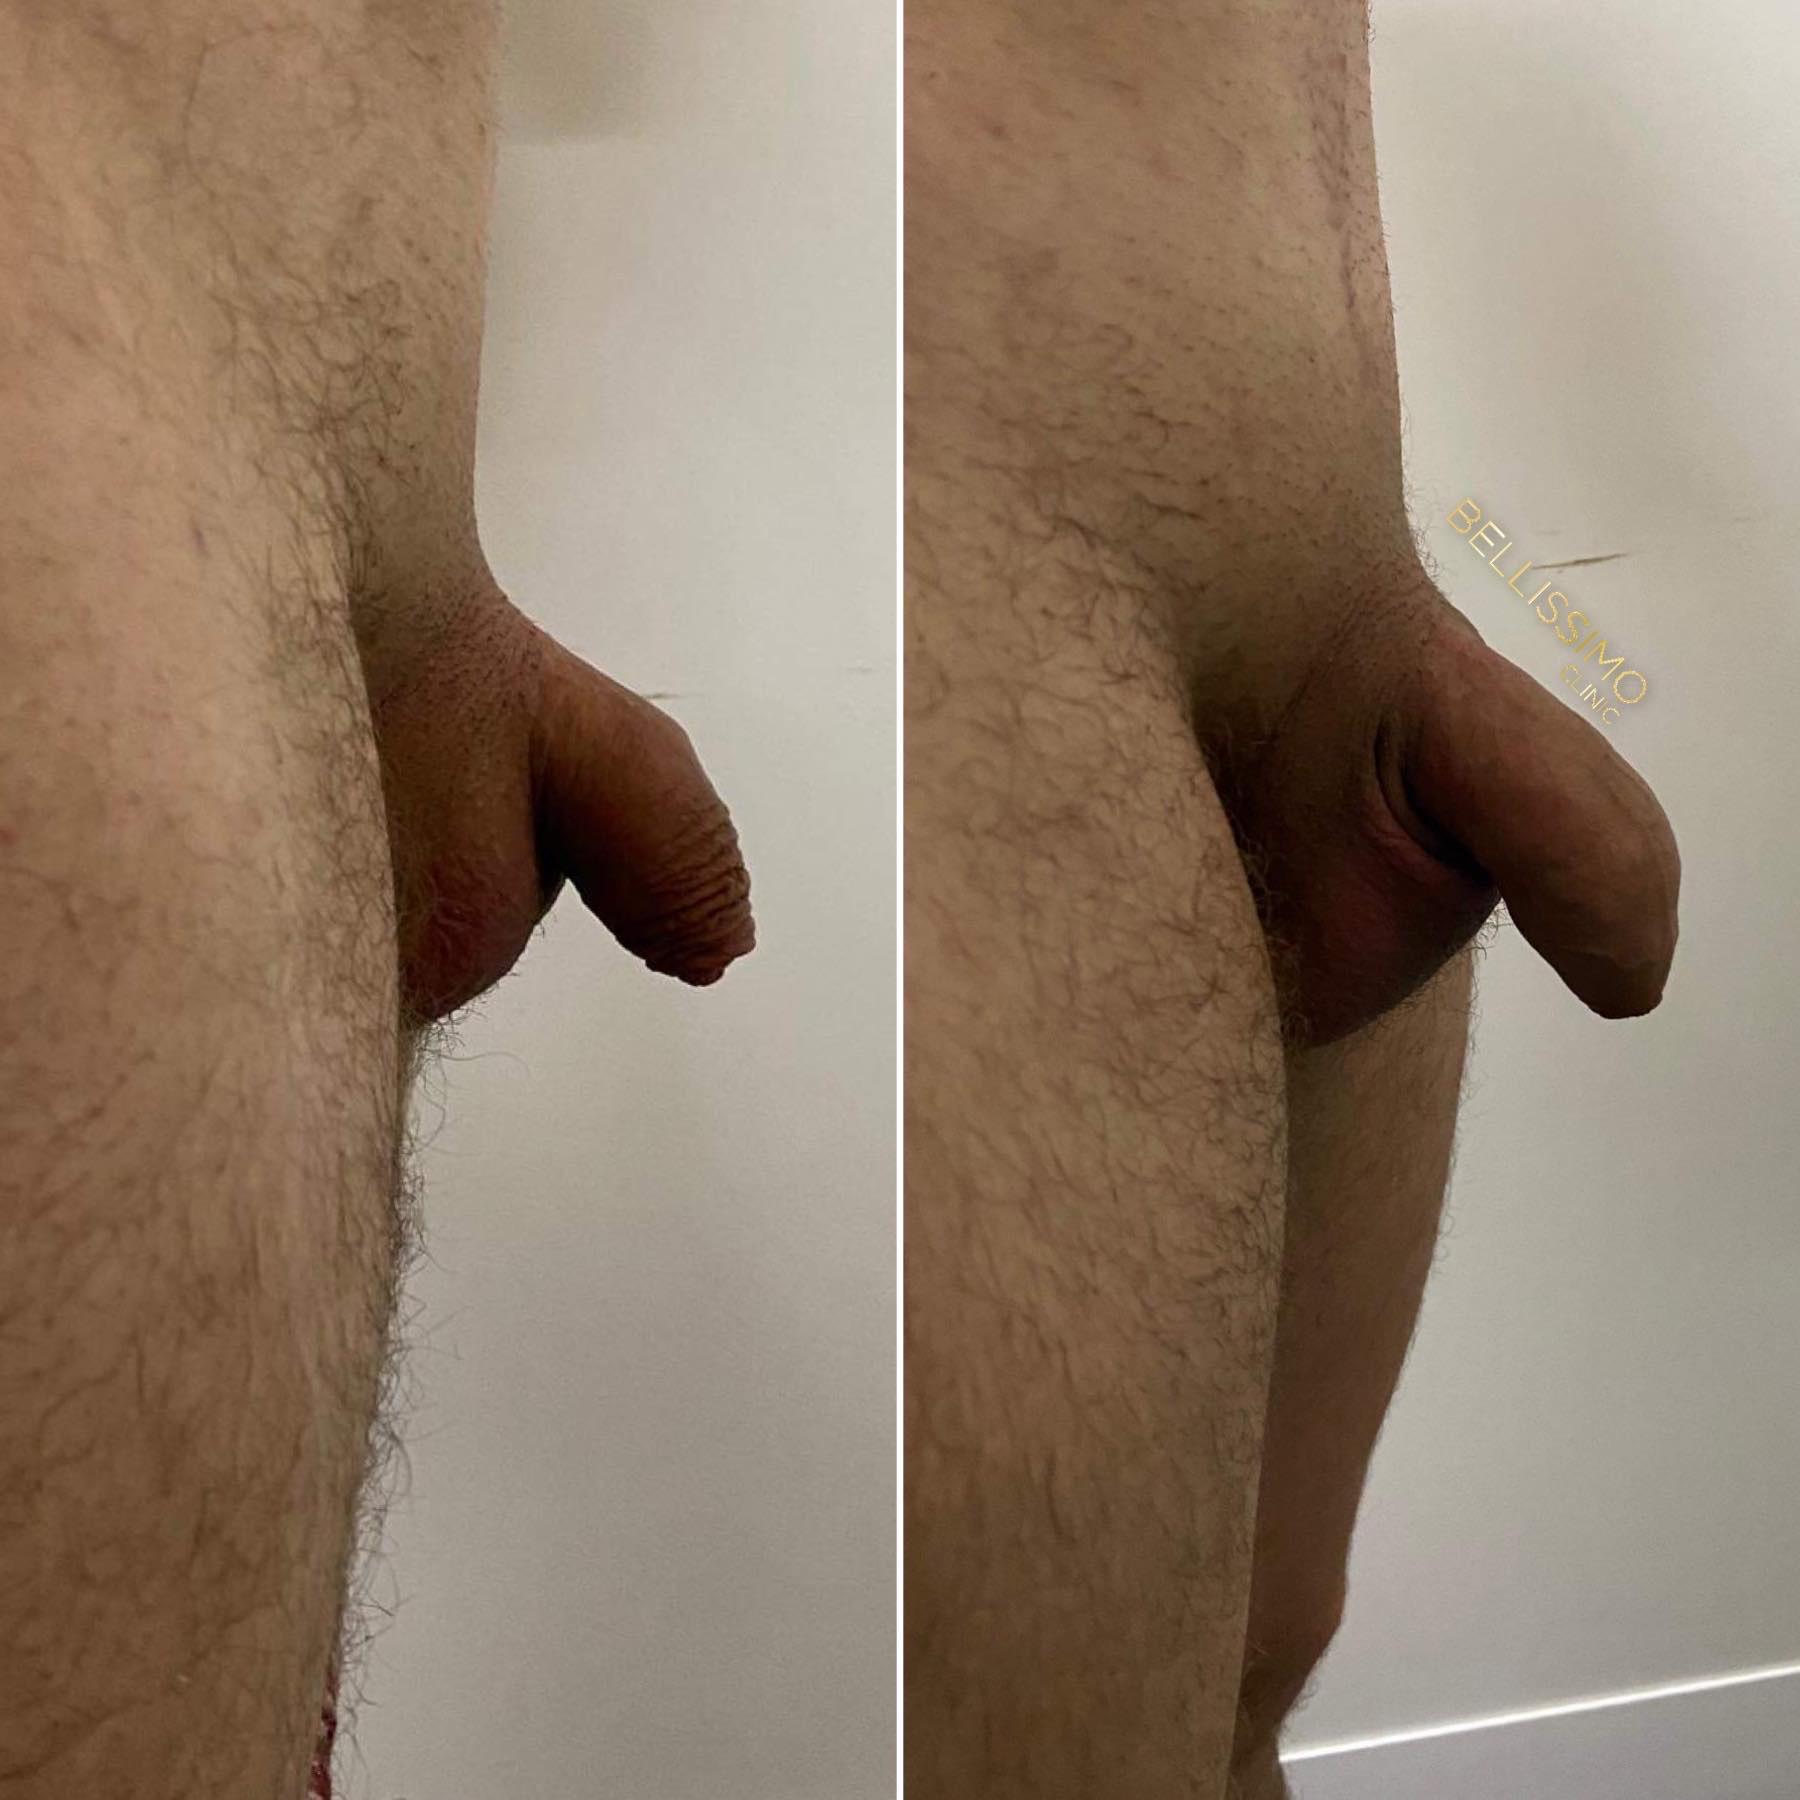 Уголемяване на пенис с хиалуронов филър, неинвазивно